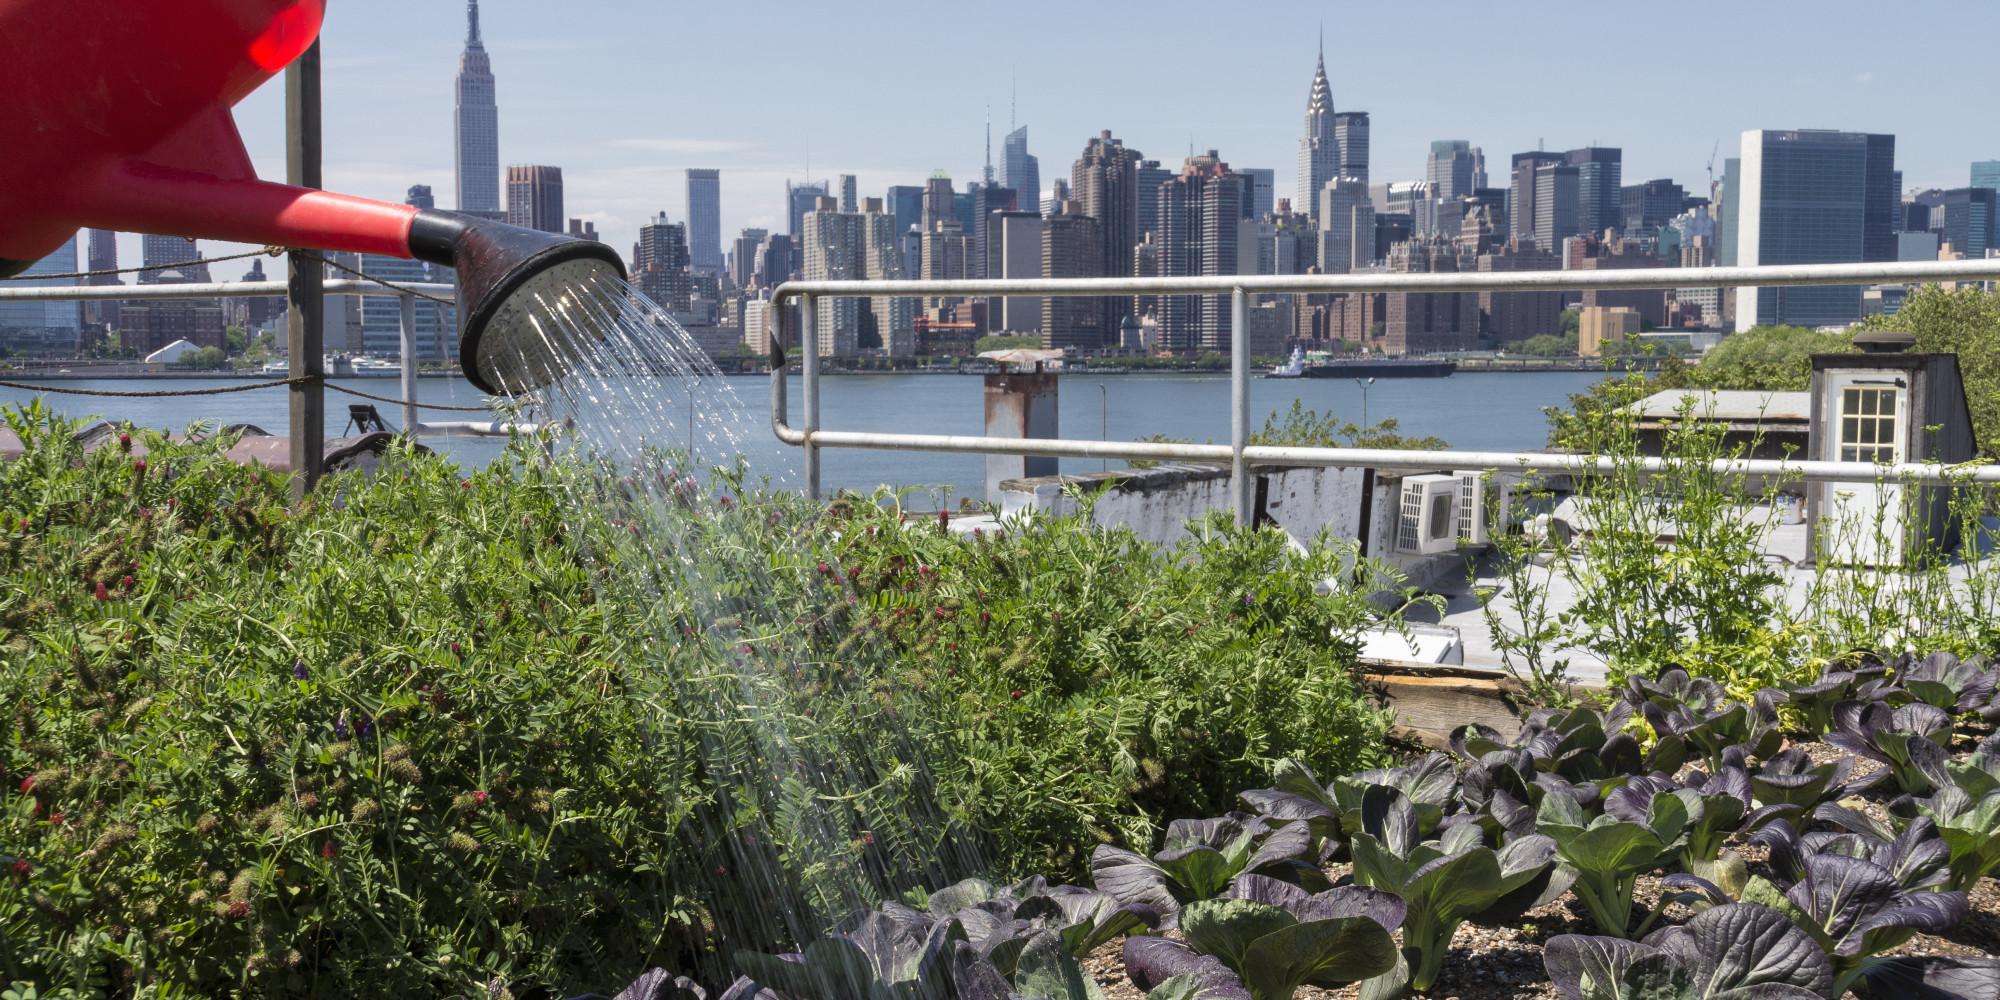 agricultura urbana horta urbana